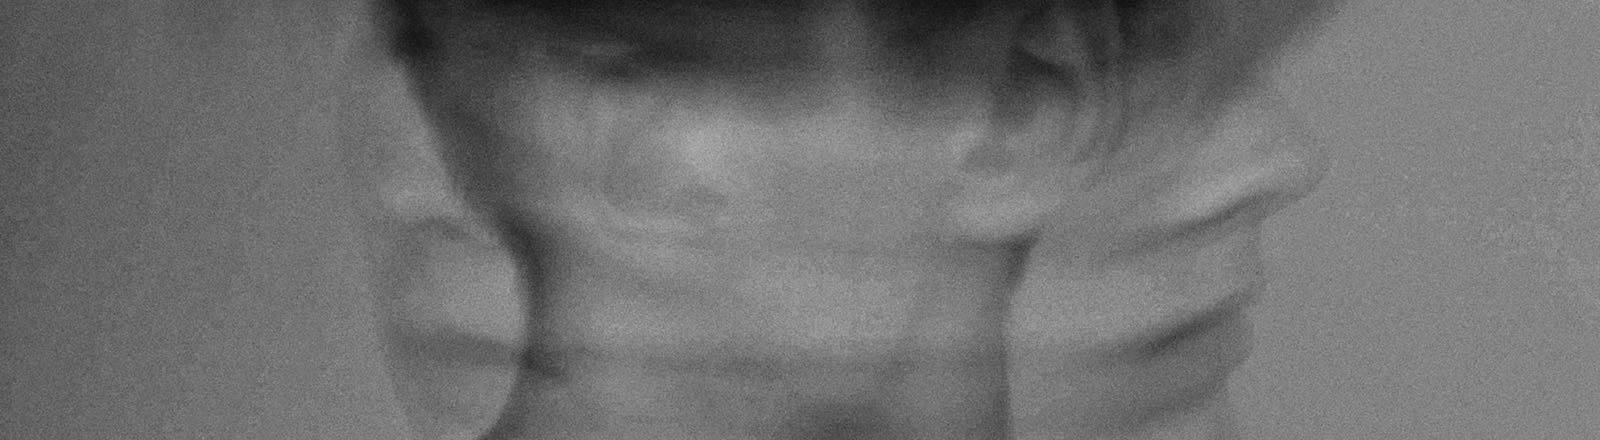 Ein Mann dreht den Kopf schnell nach links und rechts. Das Foto ist unscharf. Es wirkt konfus.